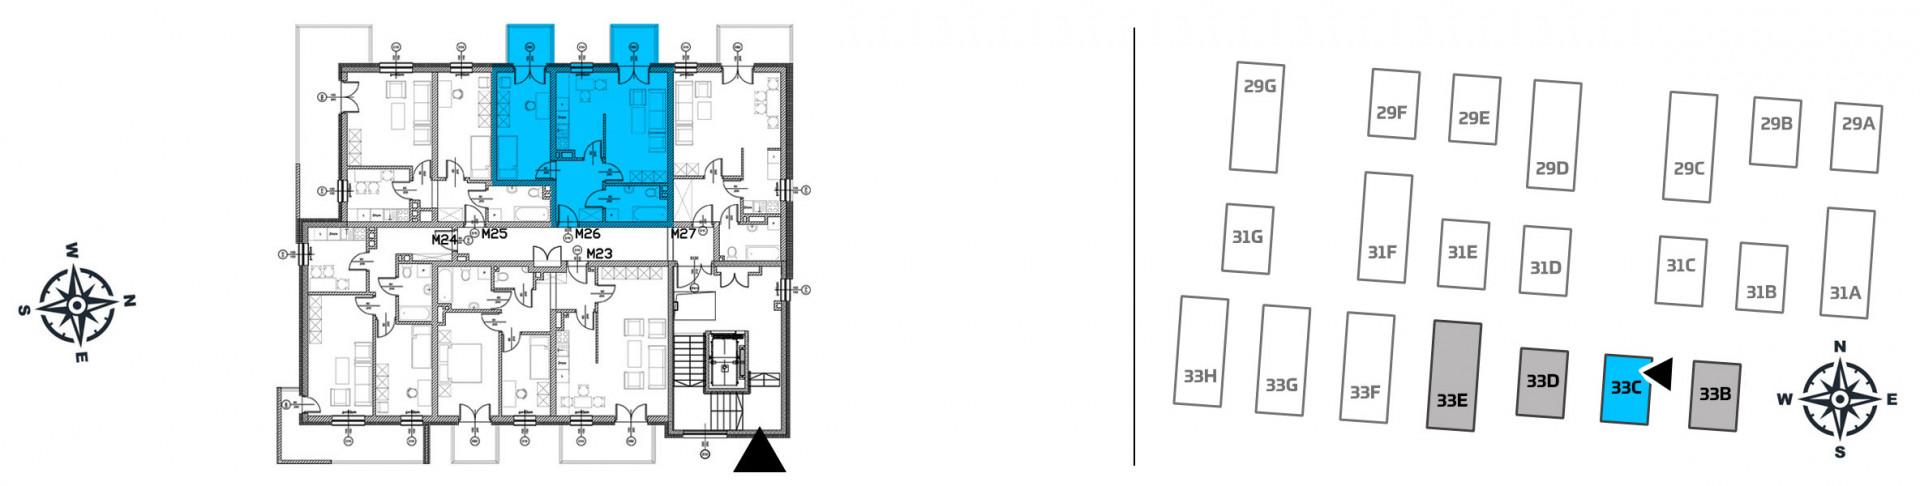 Mieszkanie dwupokojowe 33C/26 rzut 2